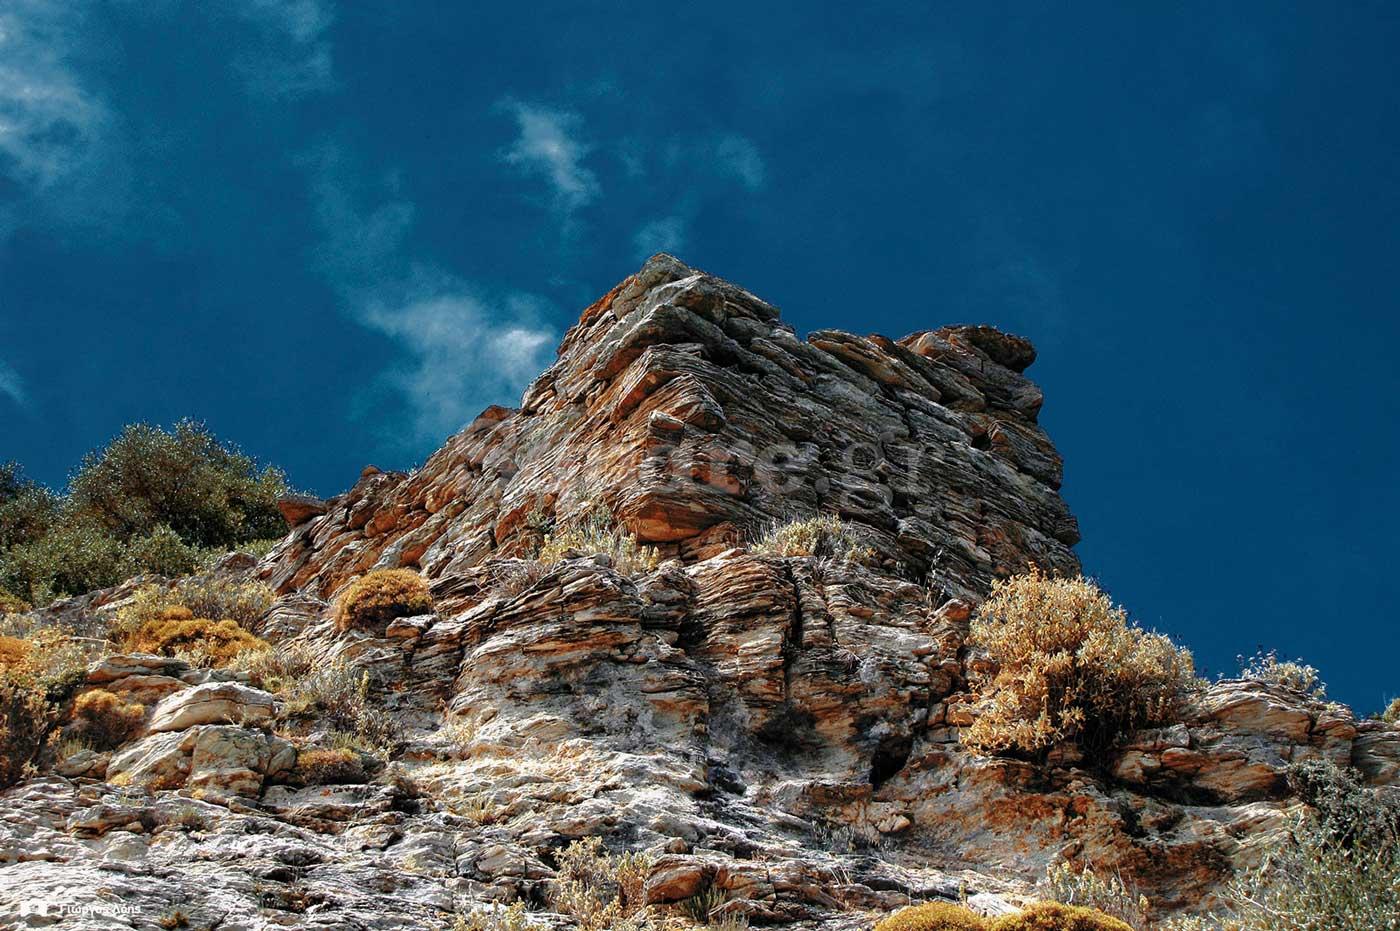 1-Αμυντικός-πύργος-των-ανατολικών-οχυρώσεων-του-κάστρου-της-Φυλάγρας